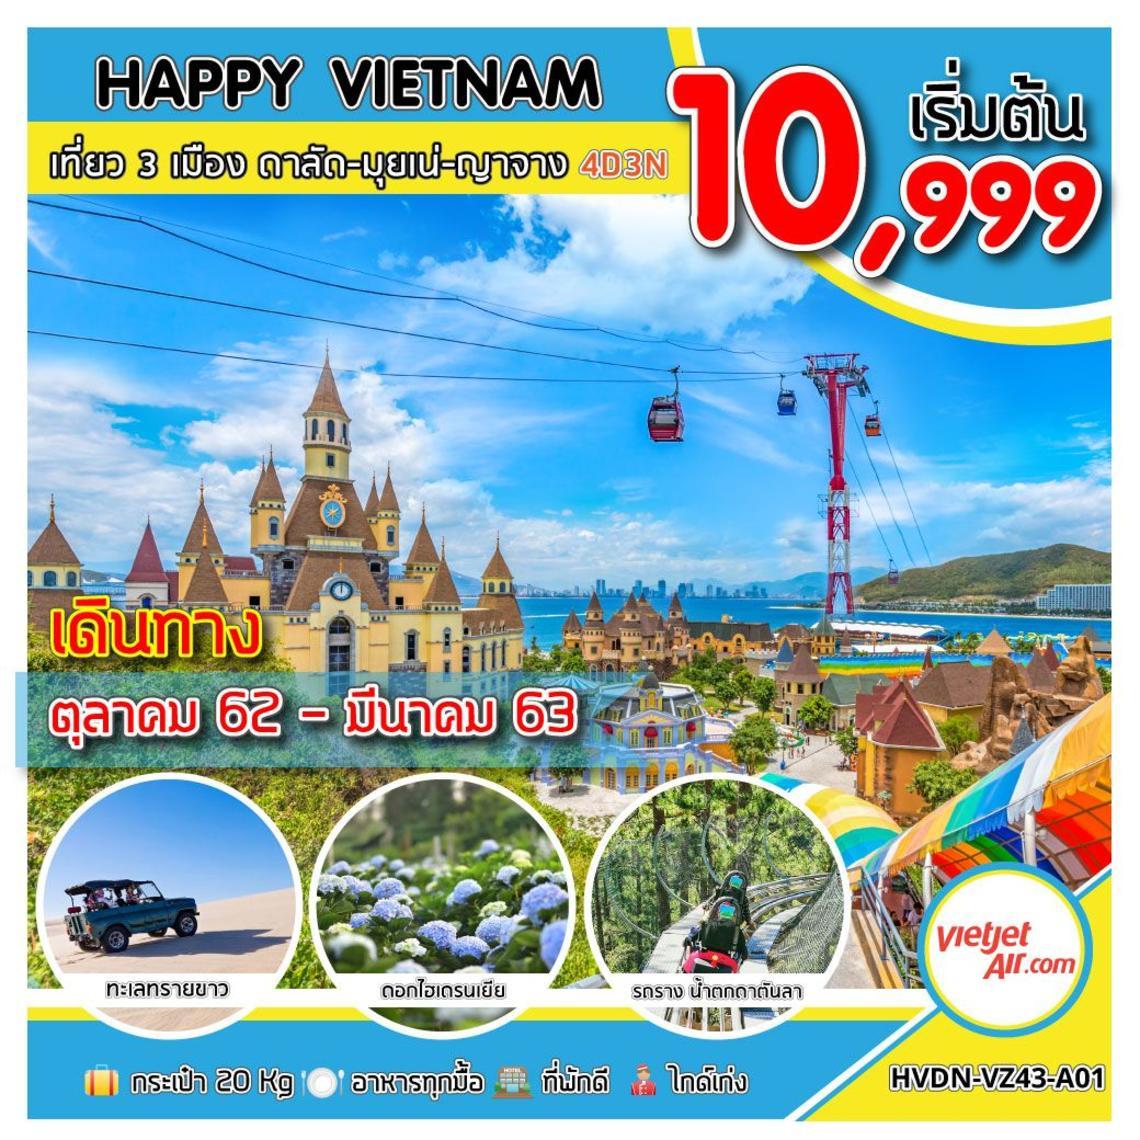 ทัวร์เวียดนาม HVDN-VZ43-A01 HAPPY VIETNAM เที่ยว 3 เมือง ดาลัด-มุยเน่-ญาจาง 4วัน3คืน